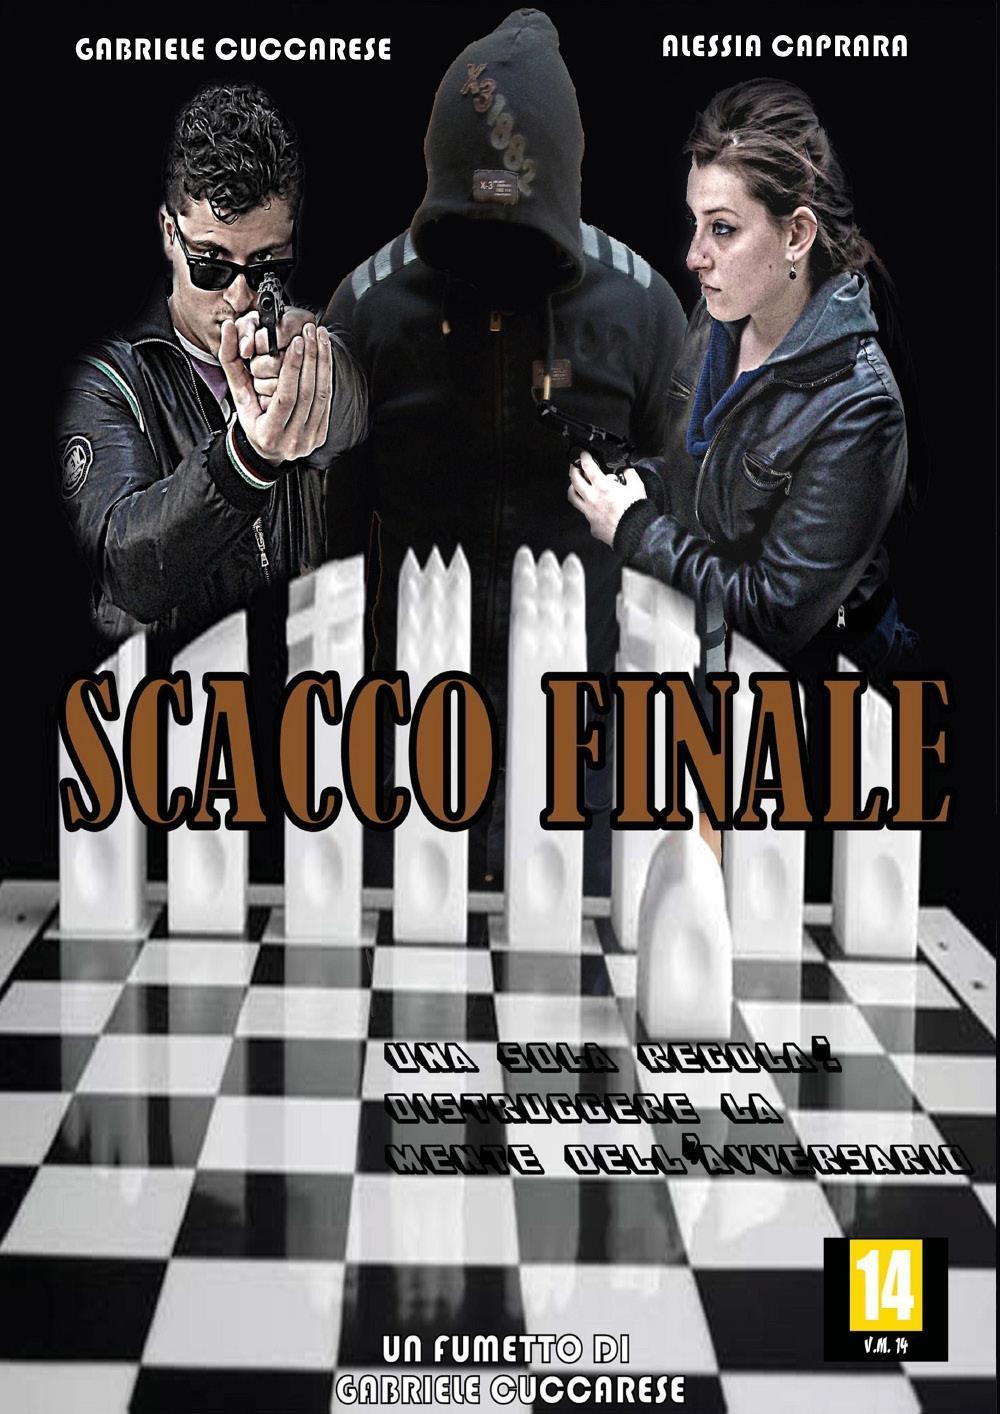 Scacco Finale